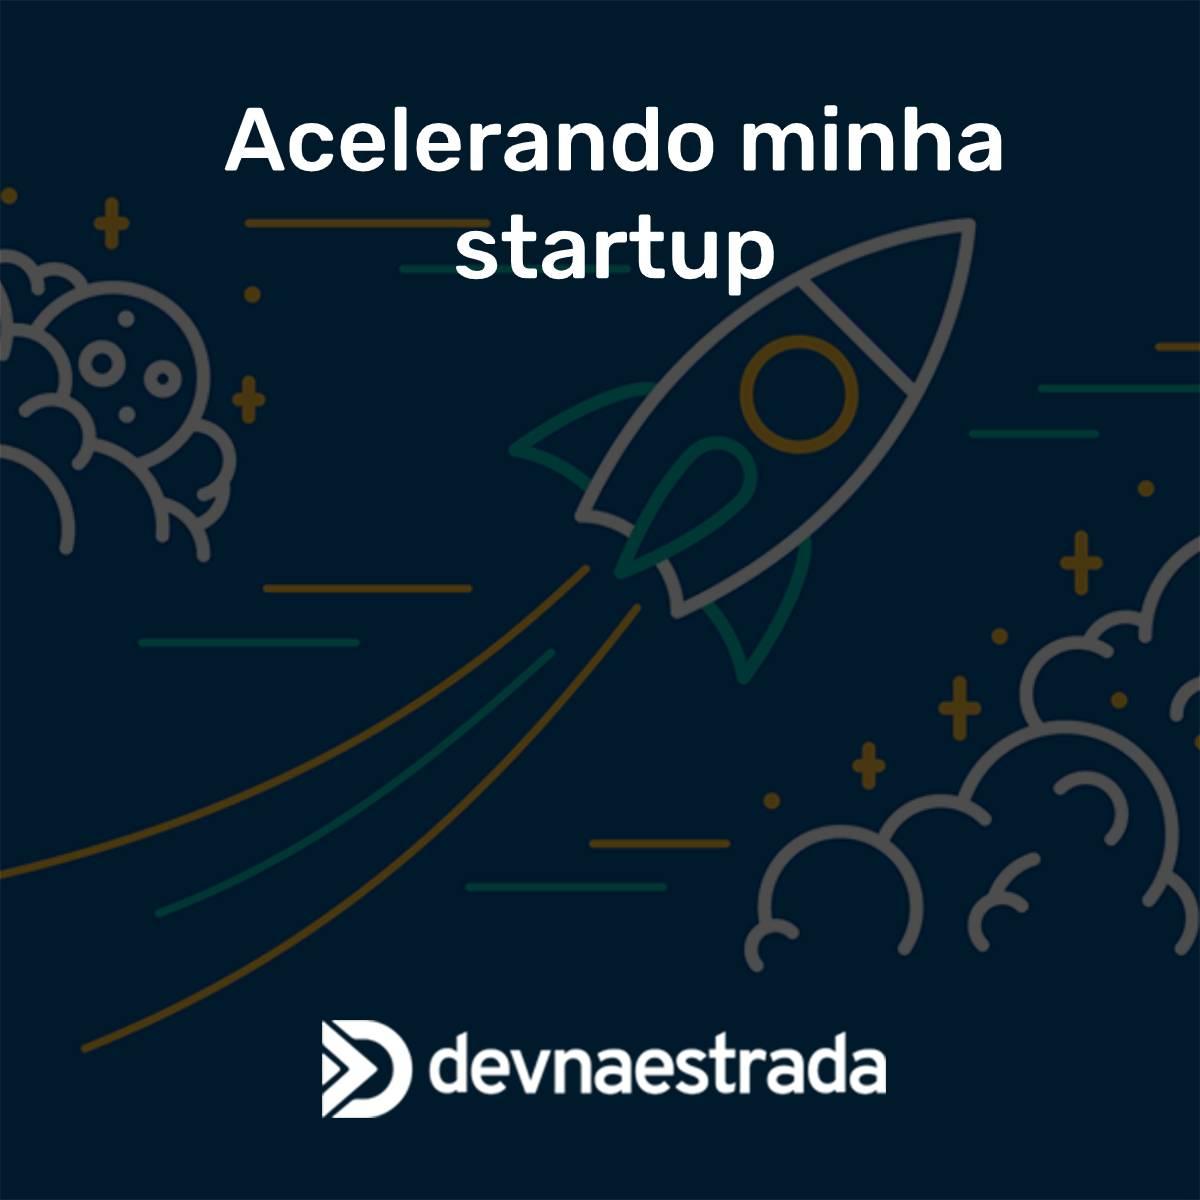 Acelerando minha startup